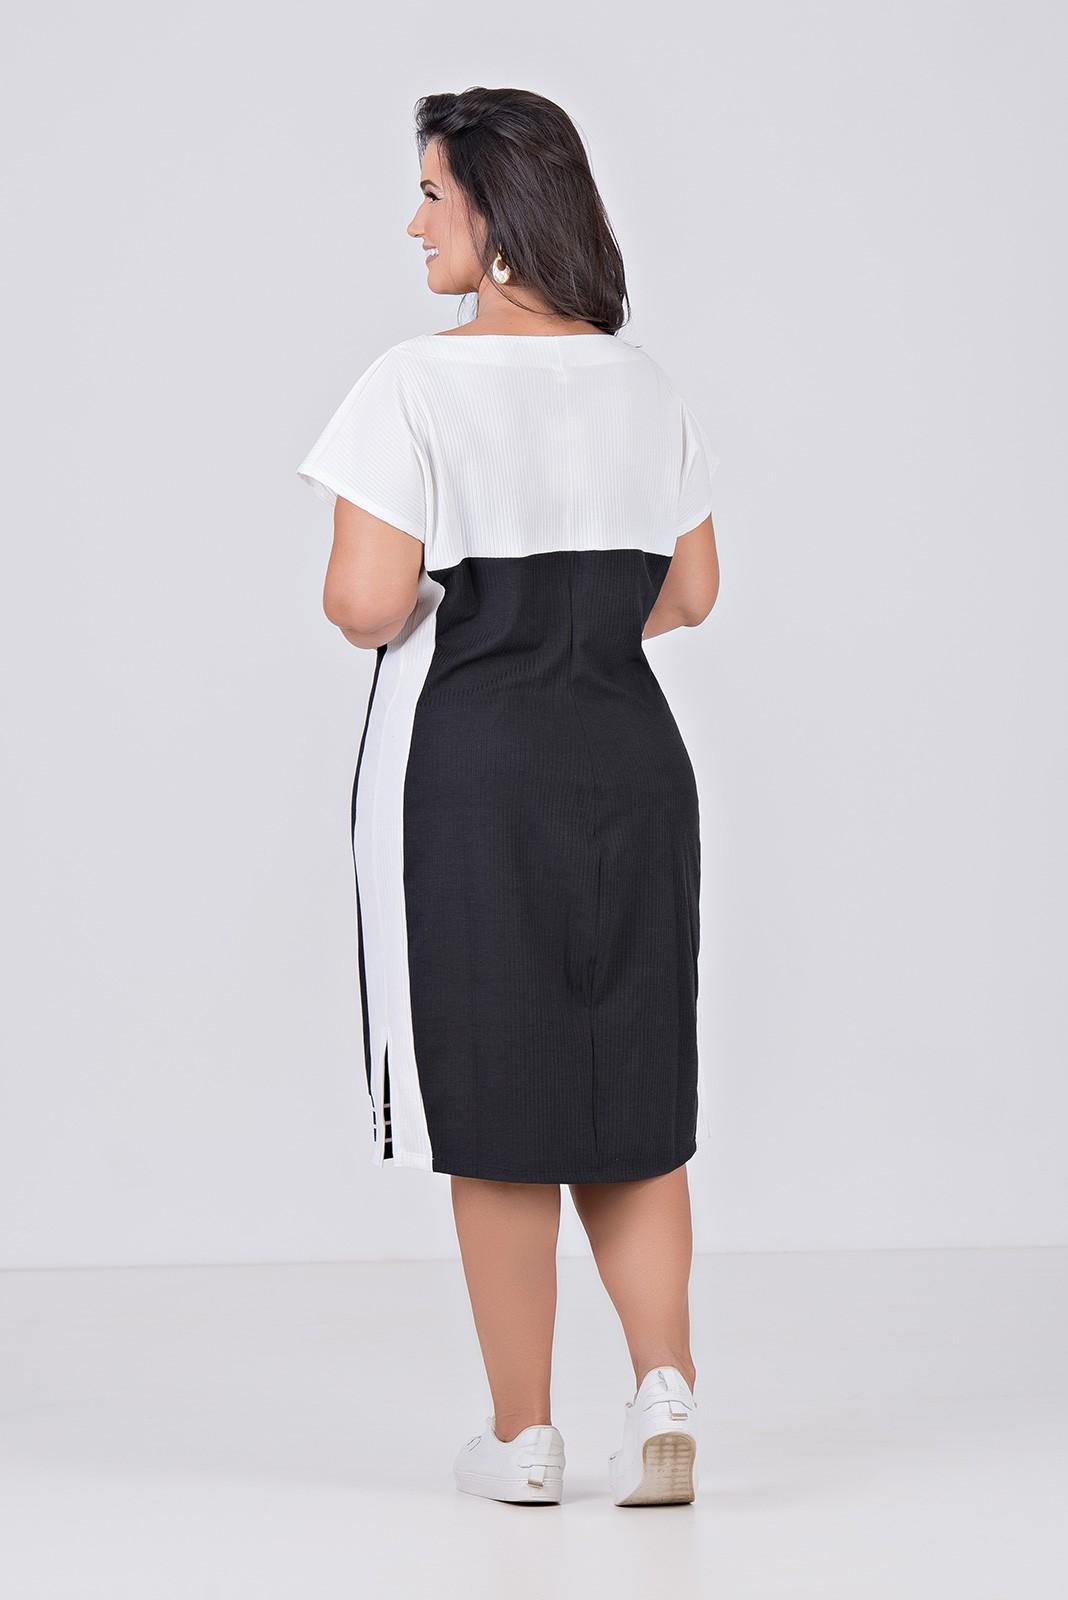 Vestido Comfy Curto Com Mangas Curtas e detalhe de Retiílea - Plus Size